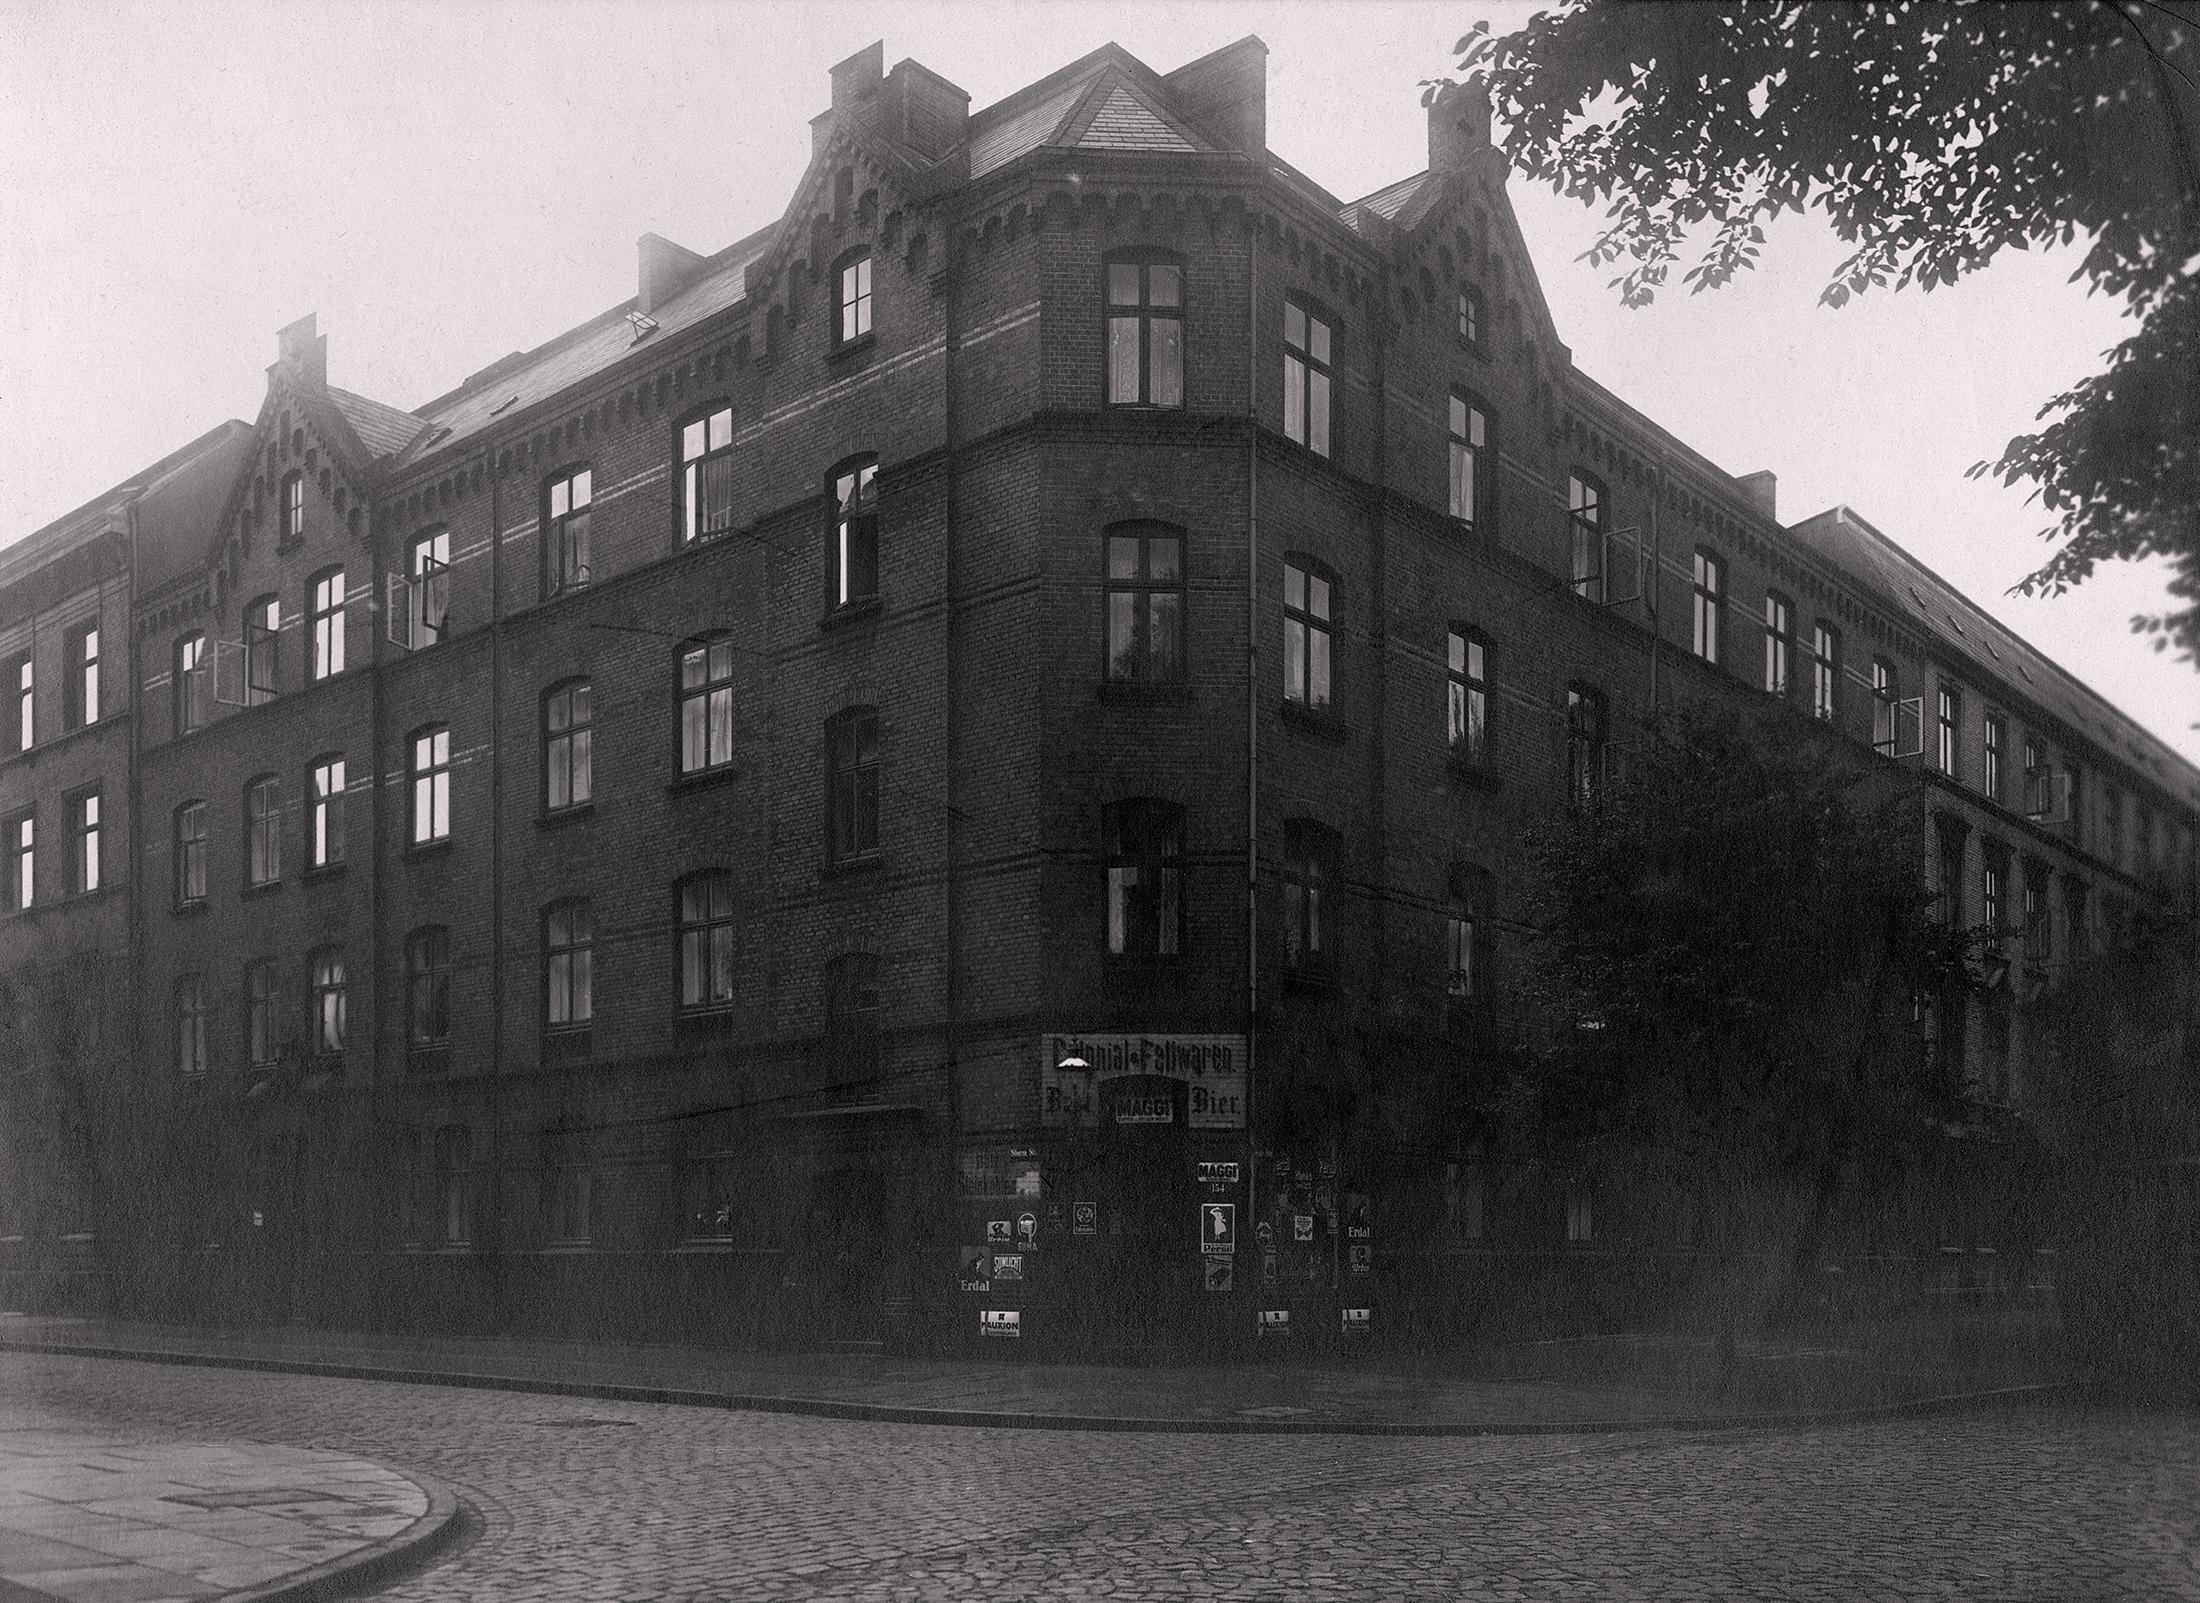 Das erste Haus der altoba am Zeiseweg (1893)